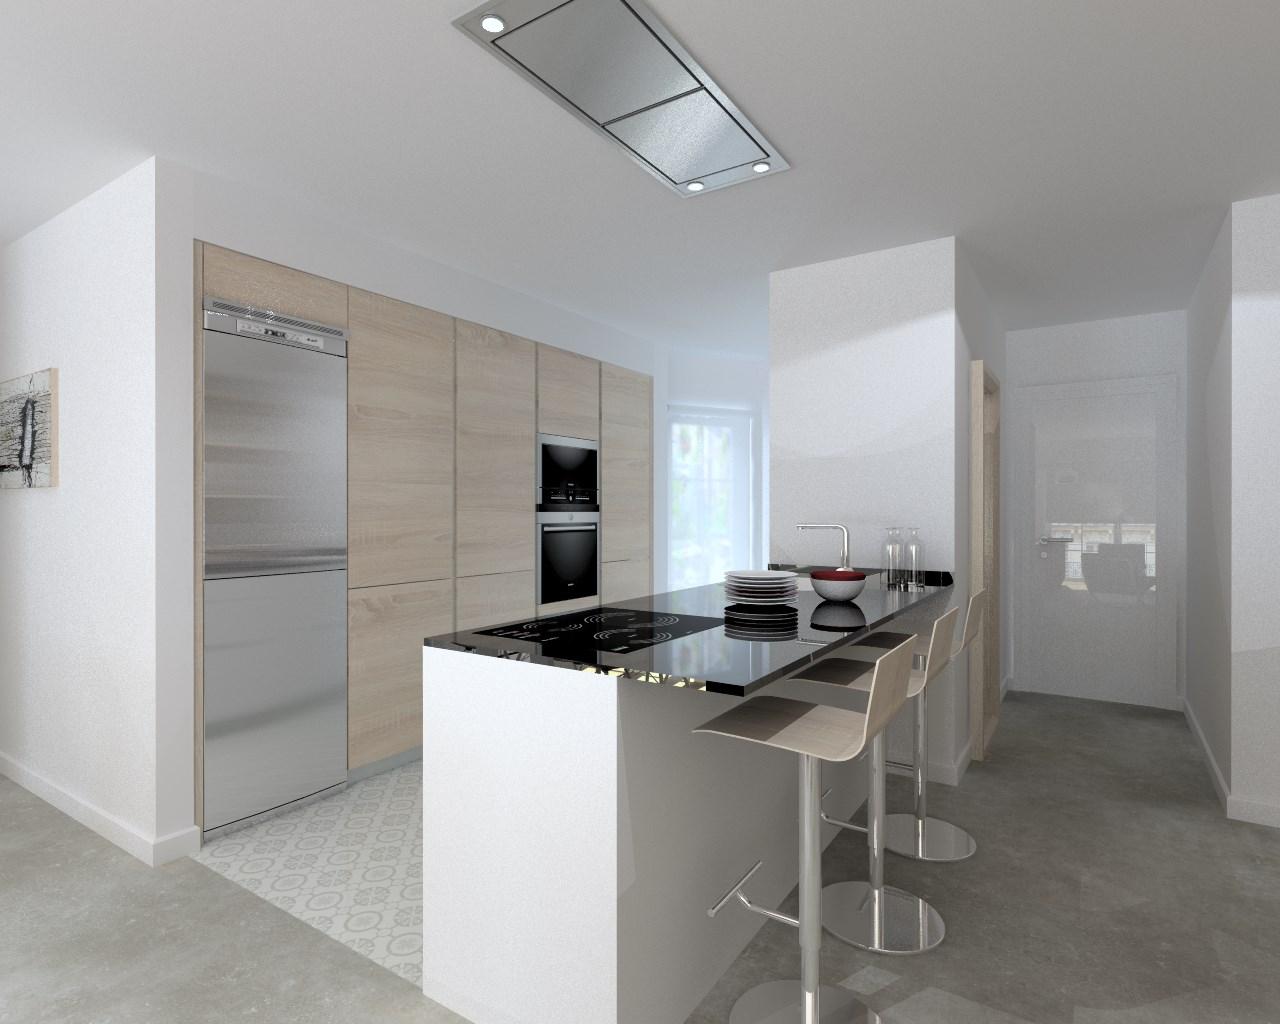 Cocina santos modelo line e blanco encimera granito negro for Encimera granito blanco